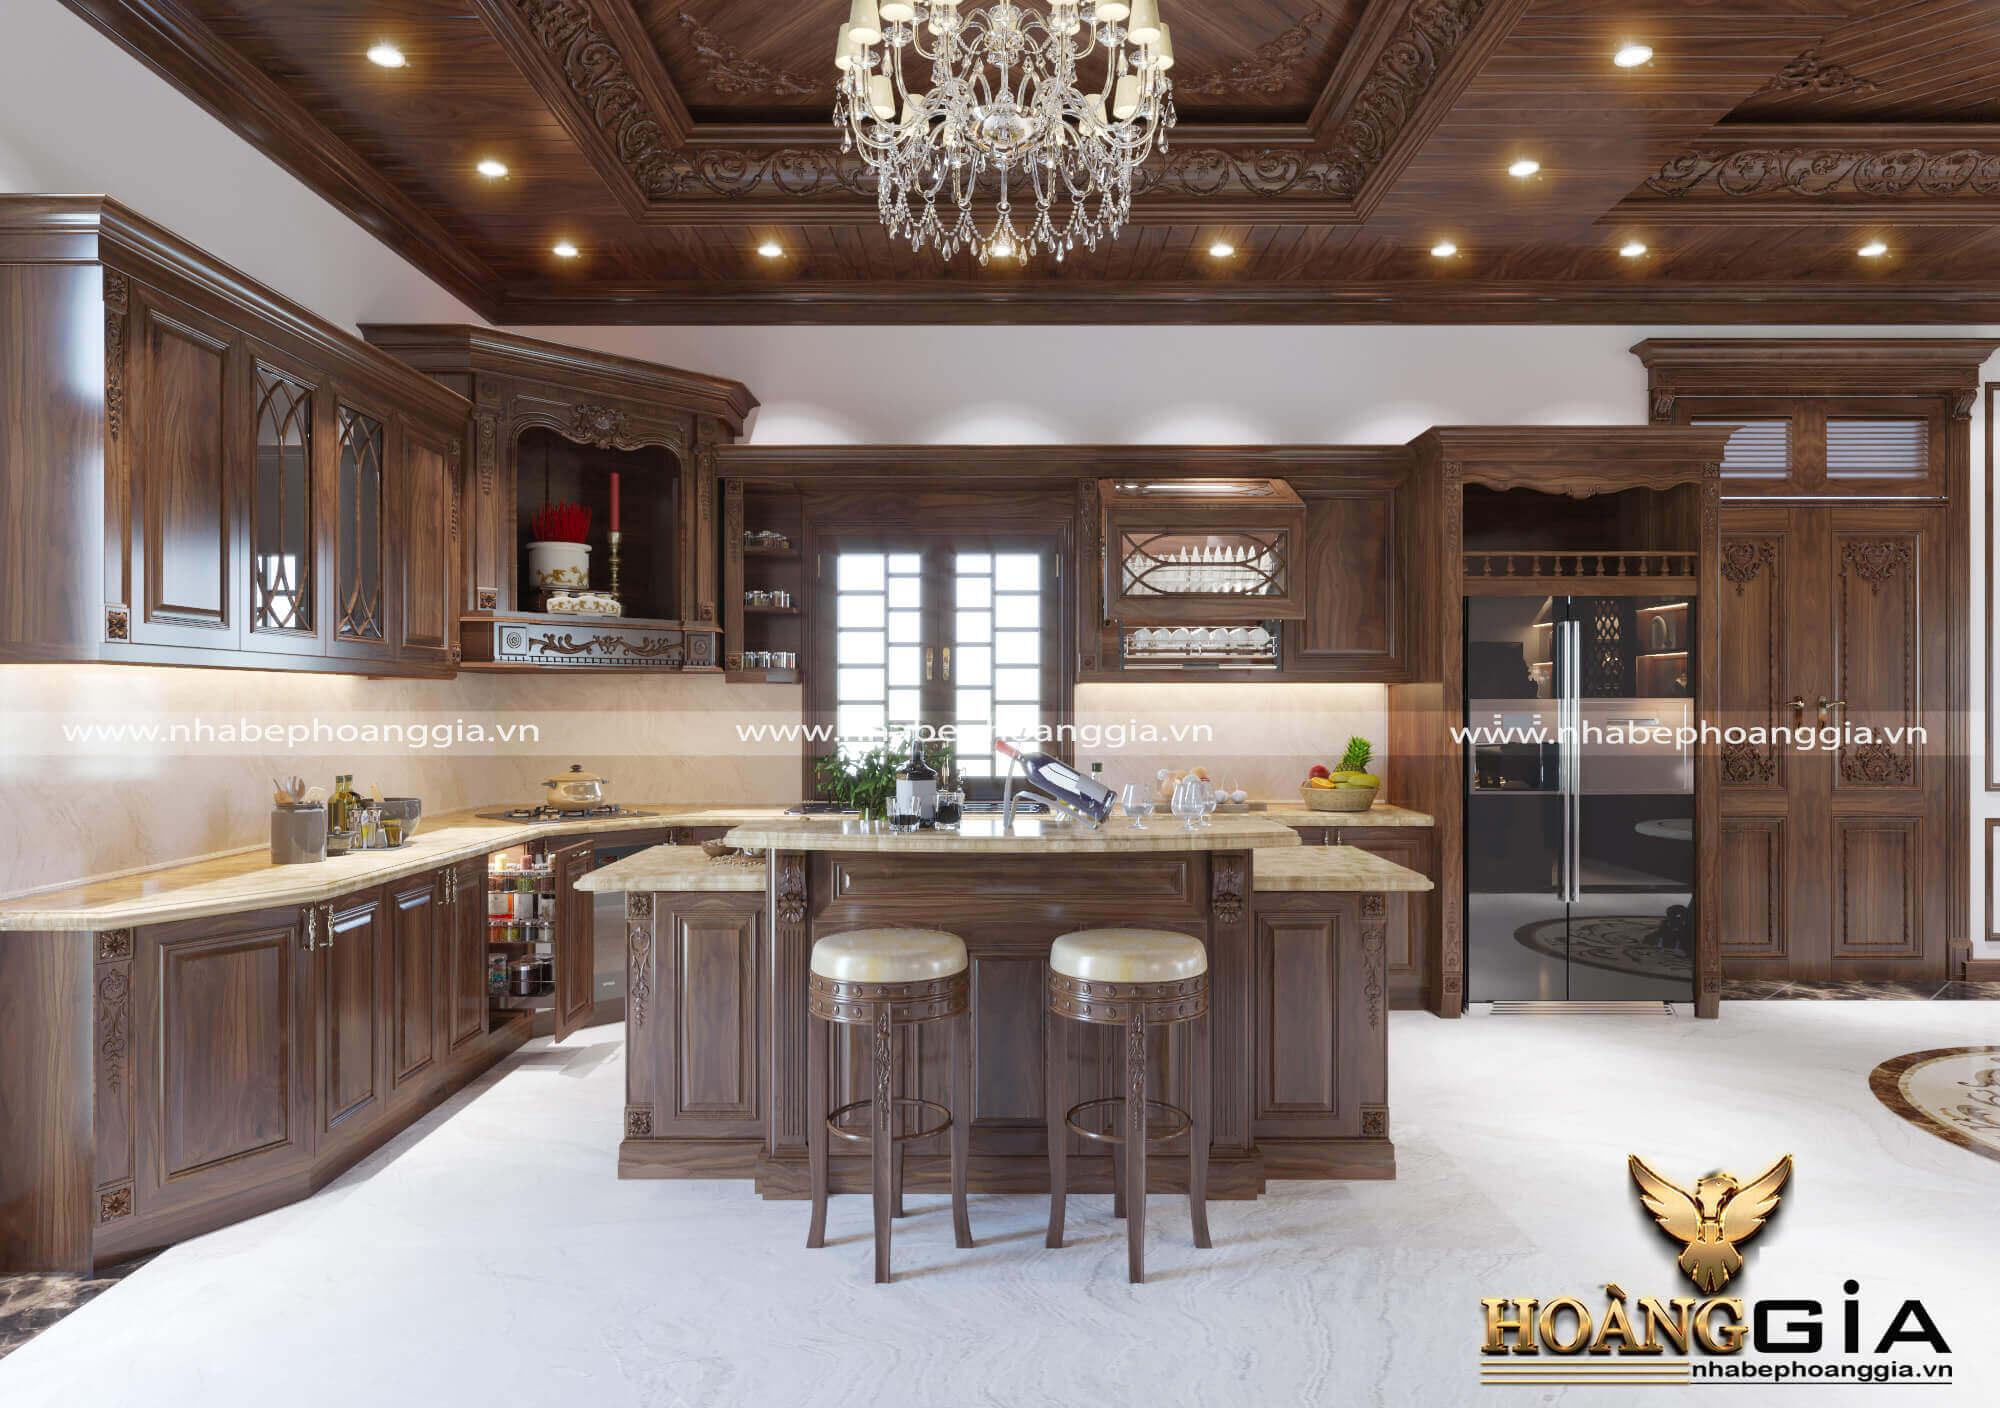 phòng bếp bao nhiêu m2 là hợp lý